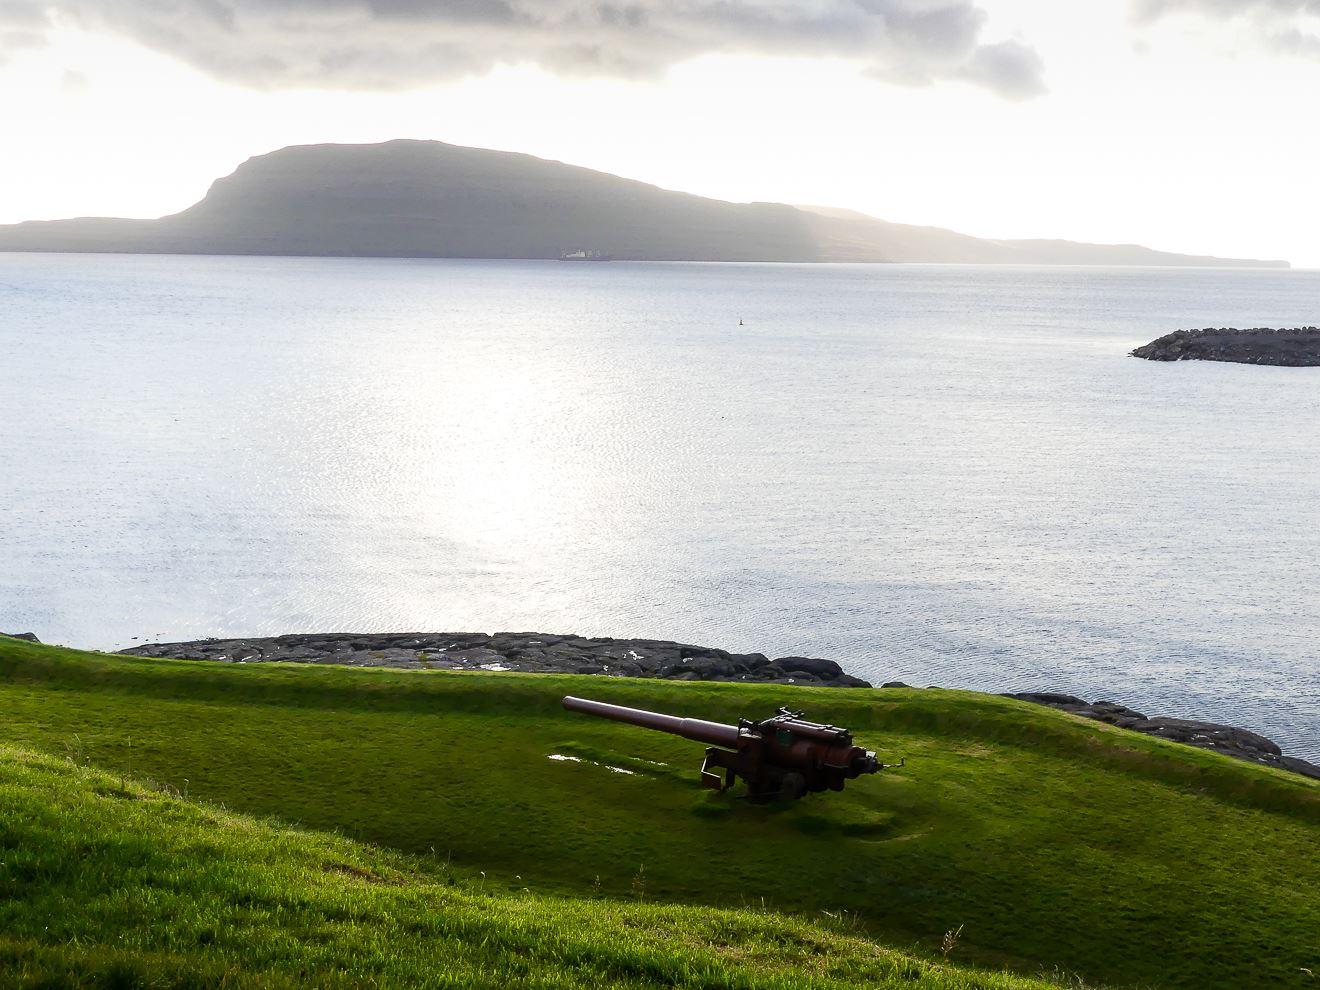 Vue depuis la forteresse de Torshavn - capitale des Iles Feroe